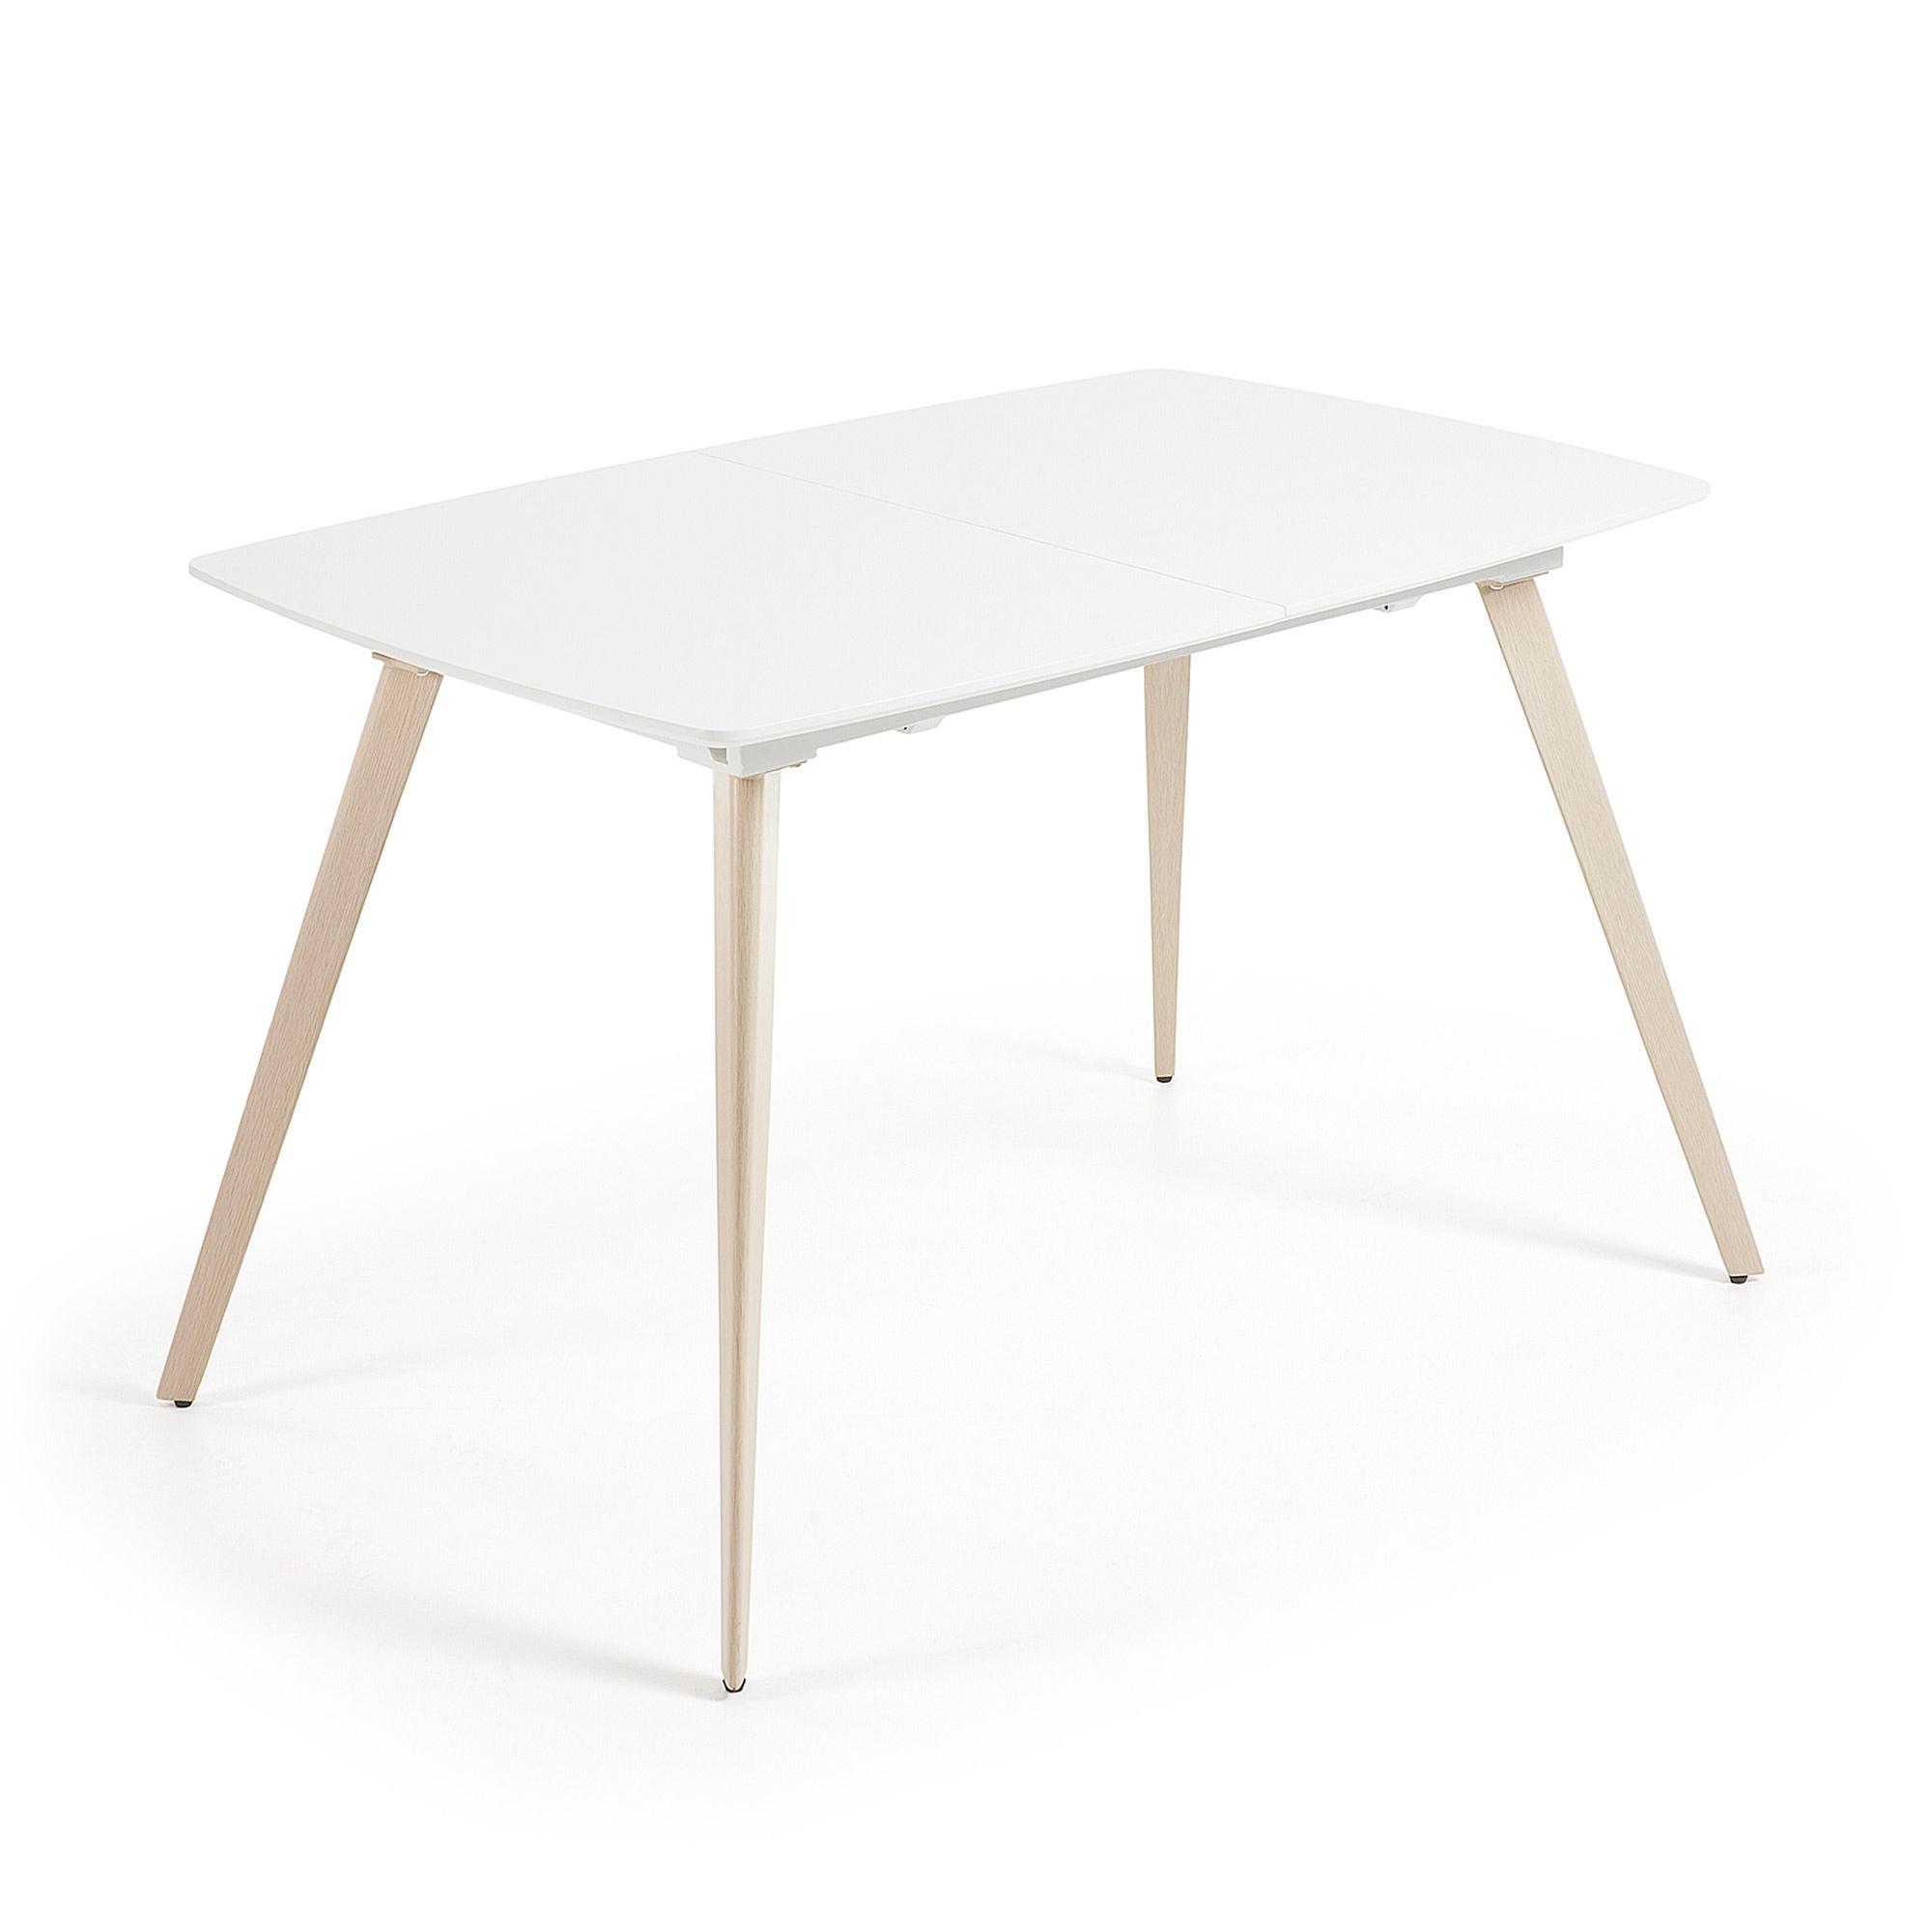 Eettafel Hoogglans Wit 120.Kave Home Uitschuifbare Eettafel Smash 120 160cm